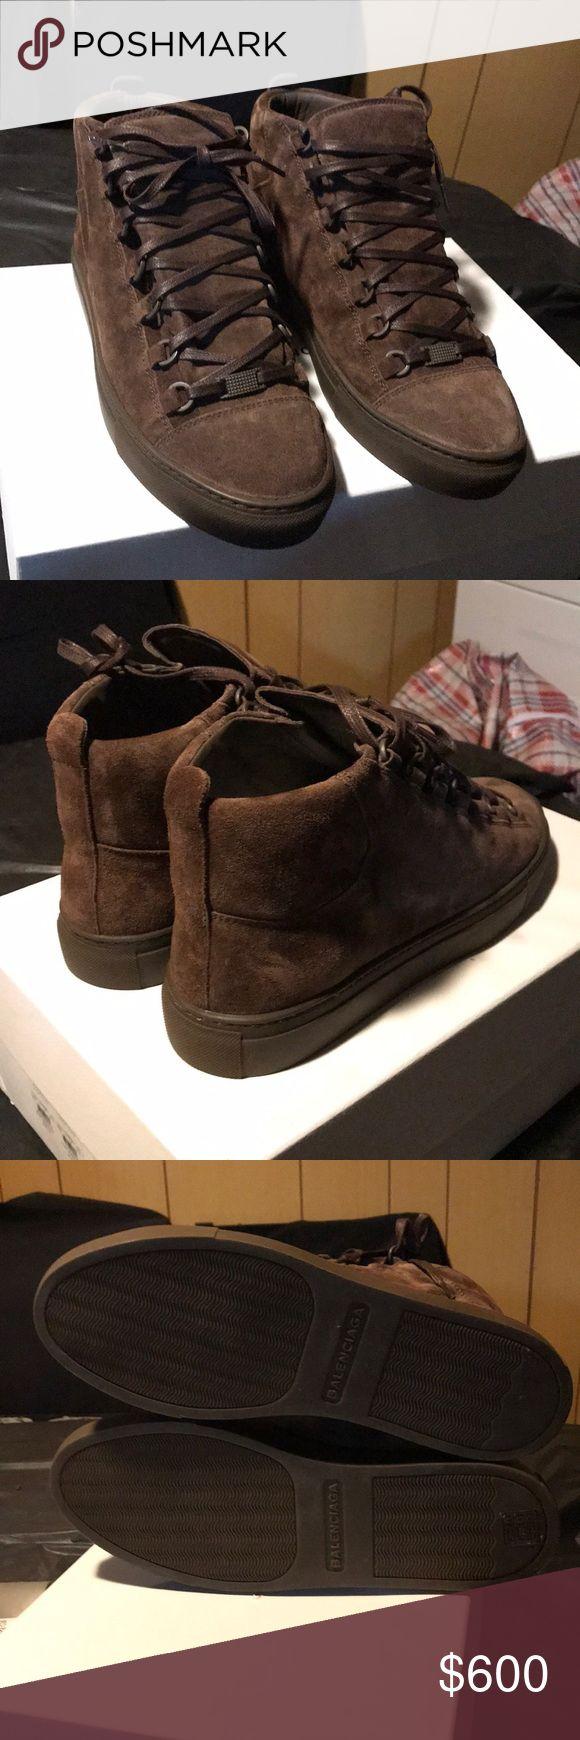 Balenciaga arena high brown suede Fits sizes 8-9.5 —— EU 41 Balenciaga Shoes Sneakers